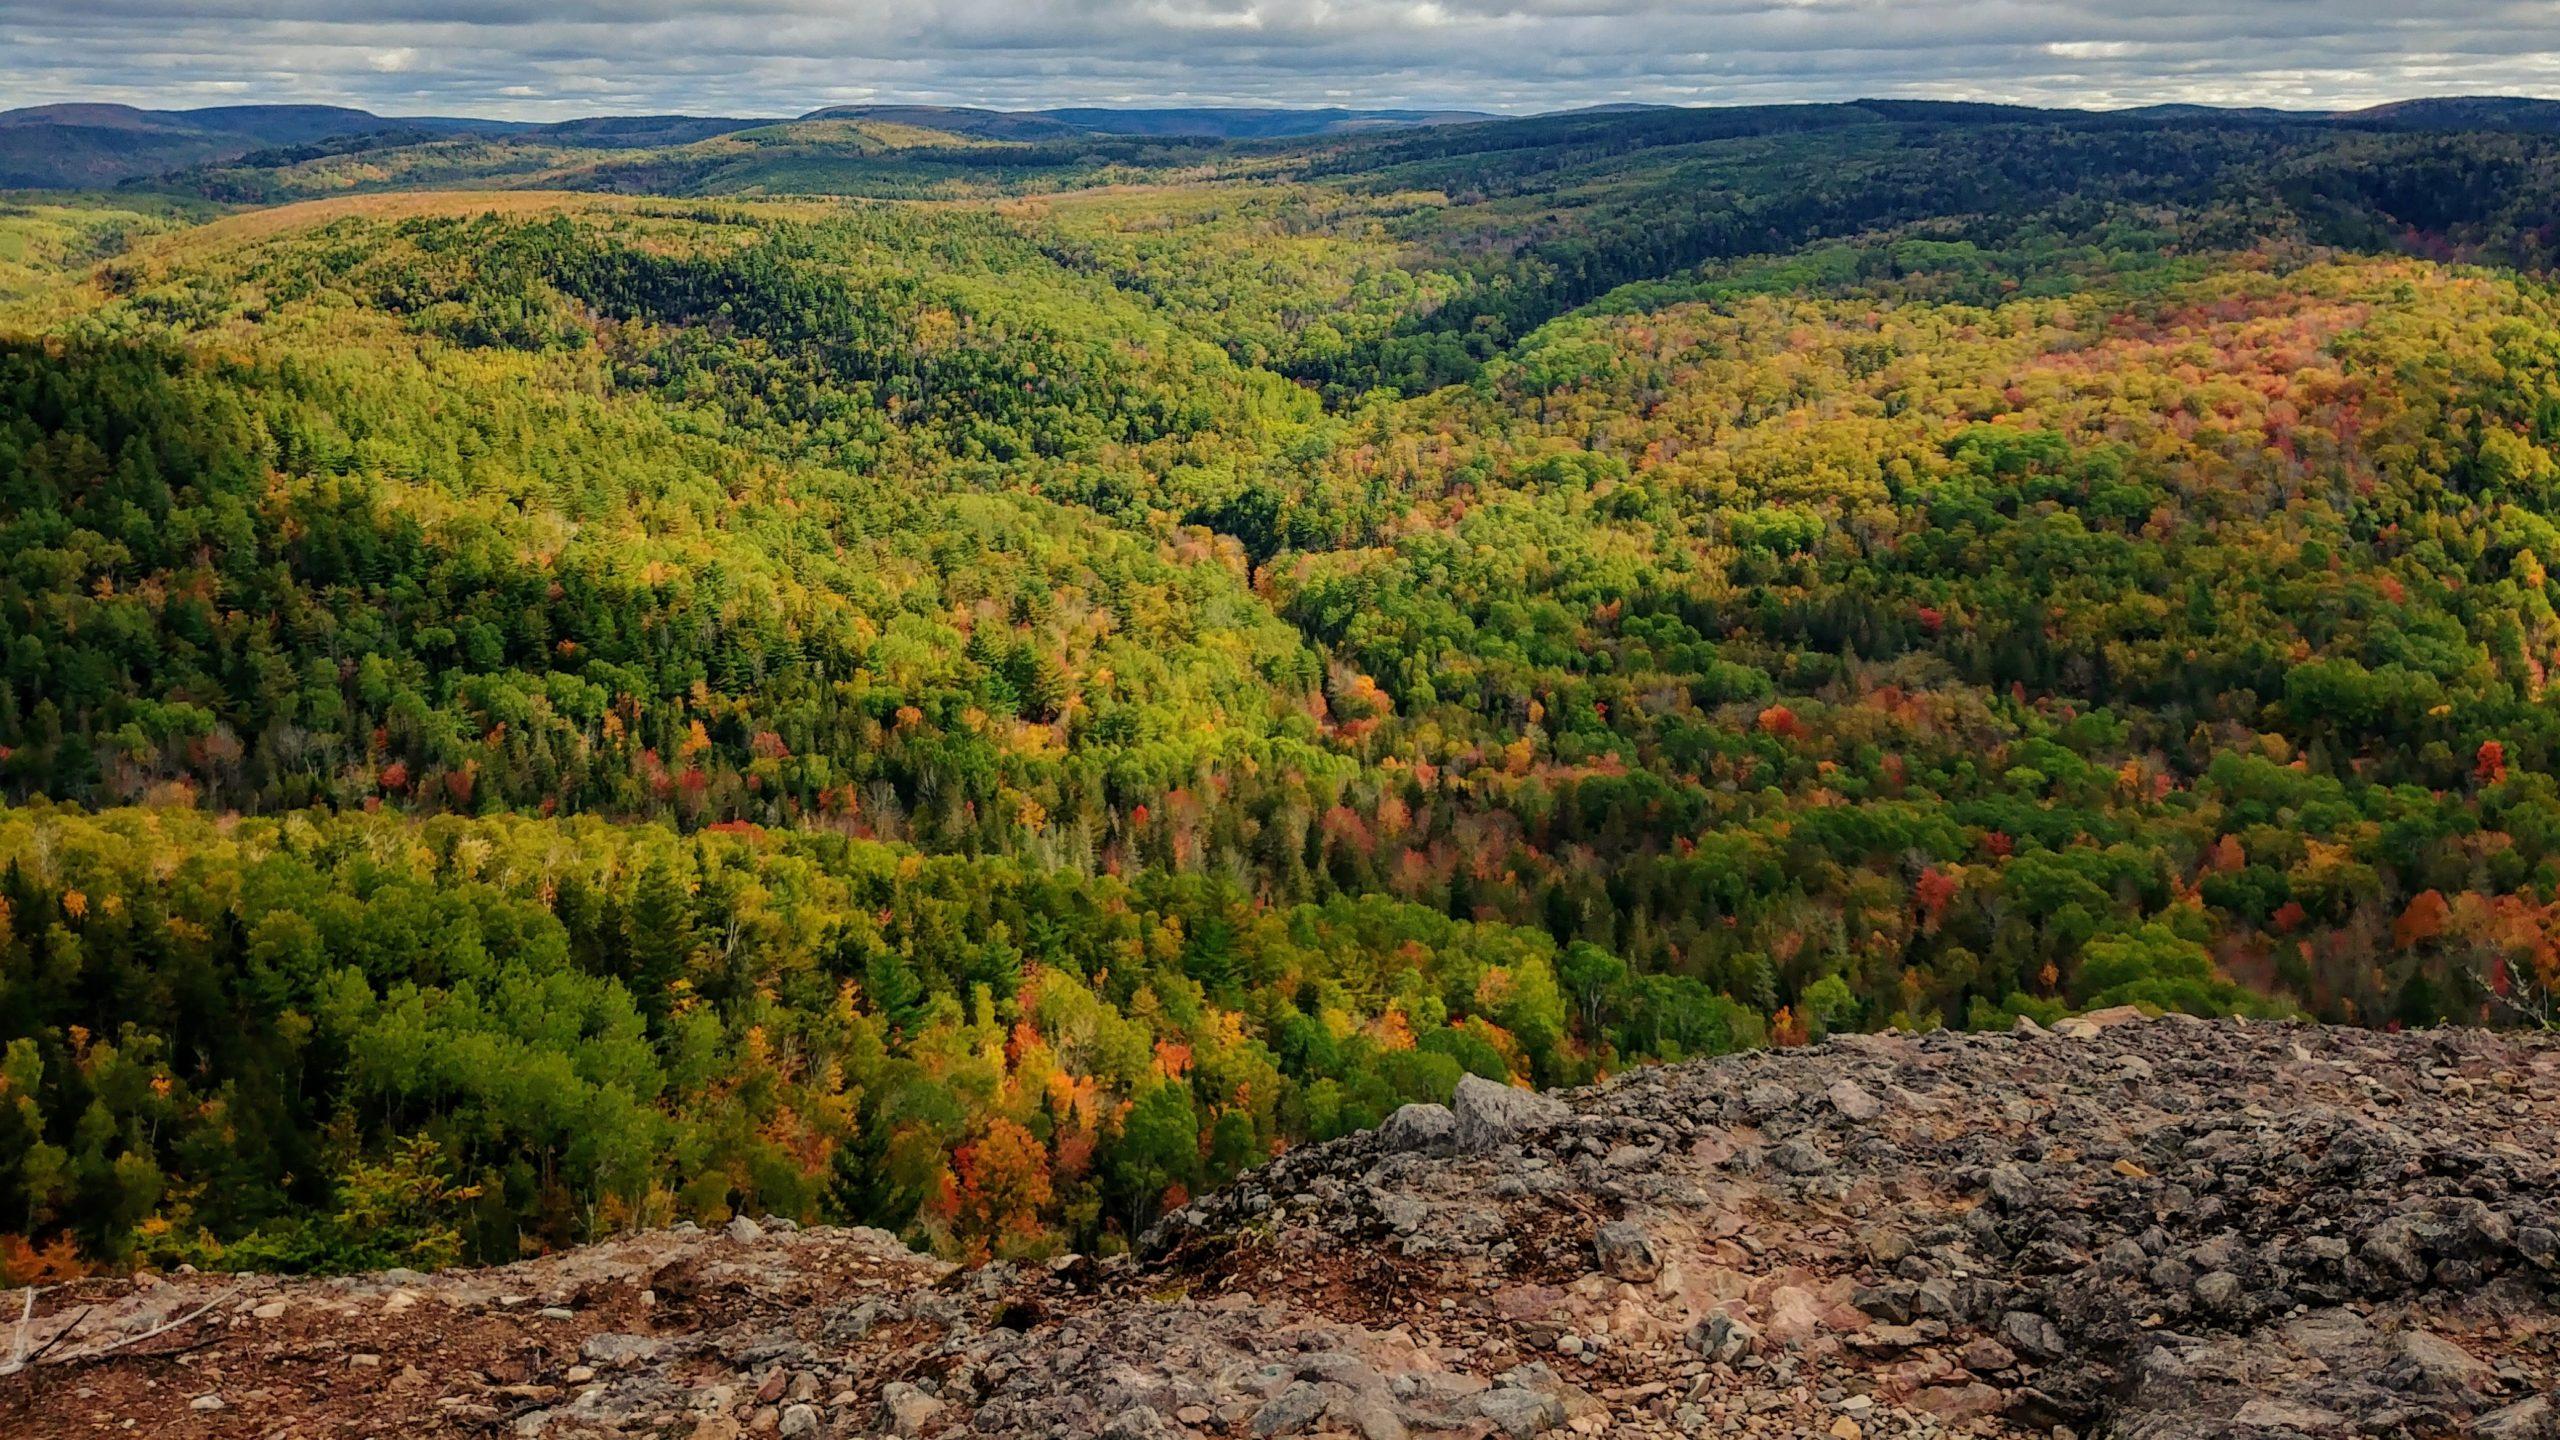 Randonnées couleurs automne Nouveau-Brunswick - Friar's Nose Sussex